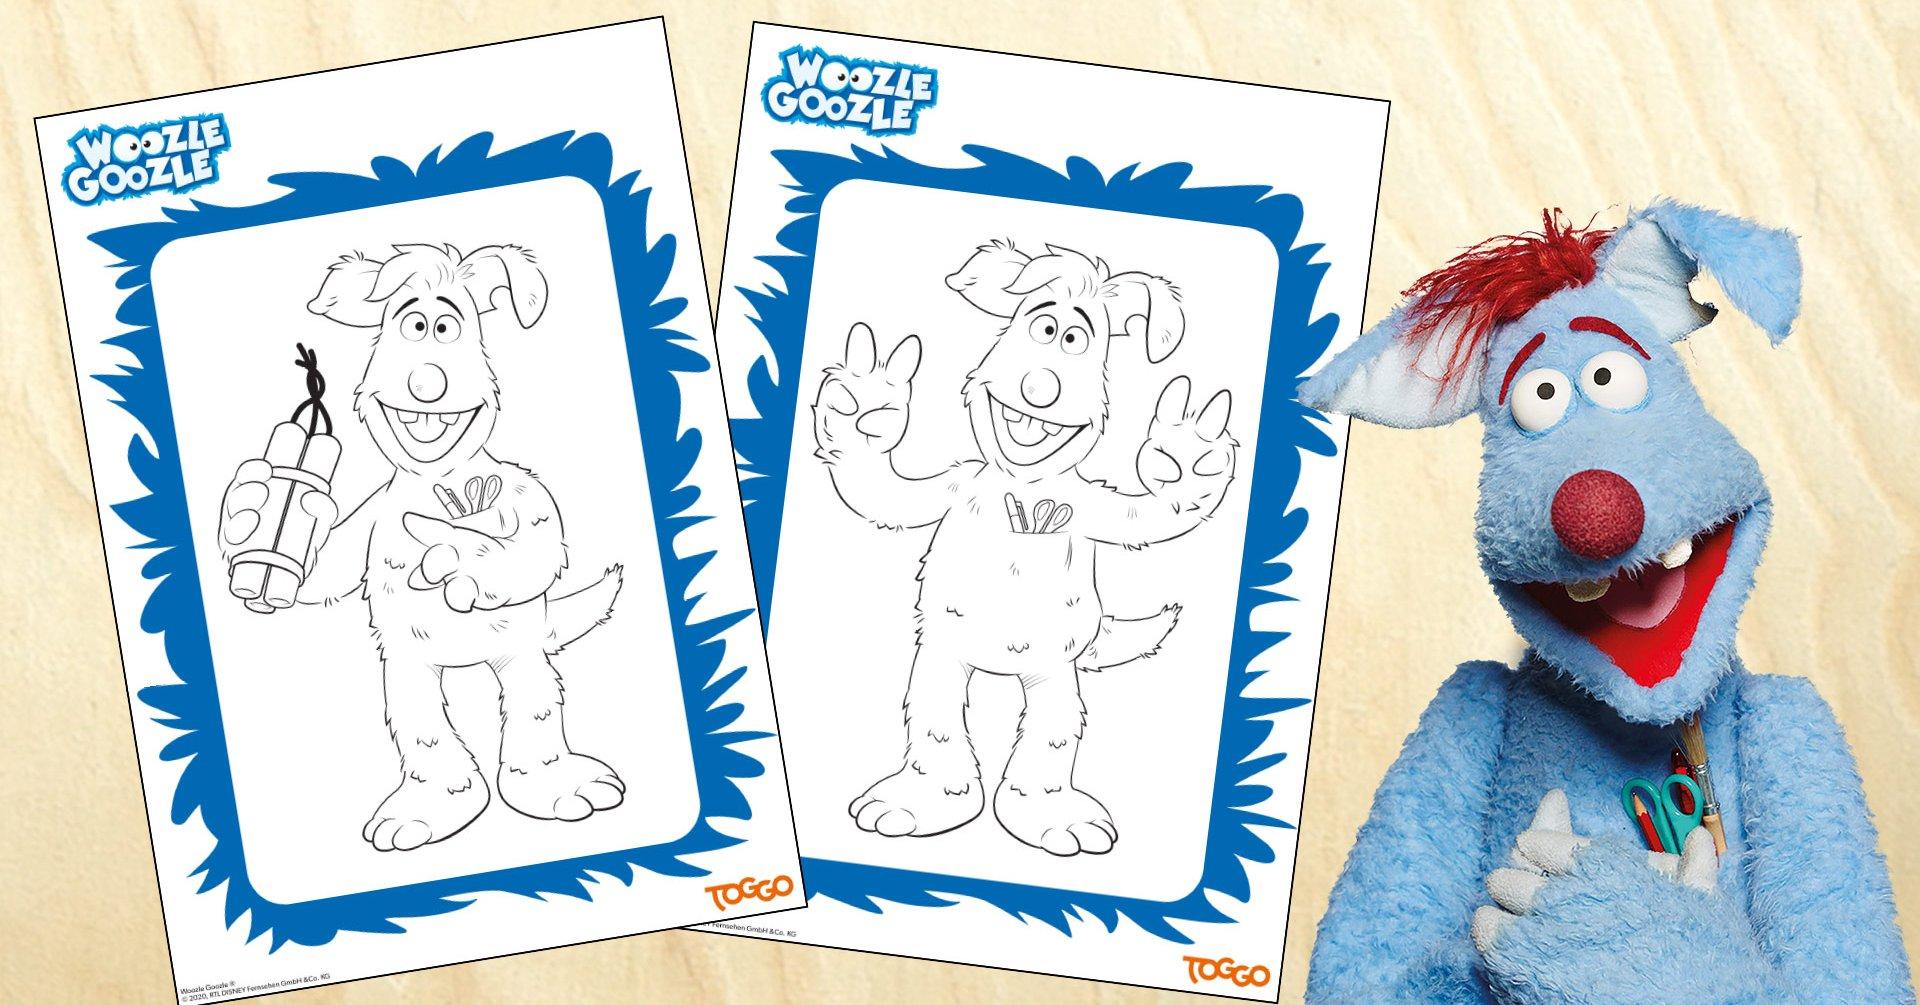 Woozle Goozle Ausmalbilder zum Runterladen  TOGGO Eltern